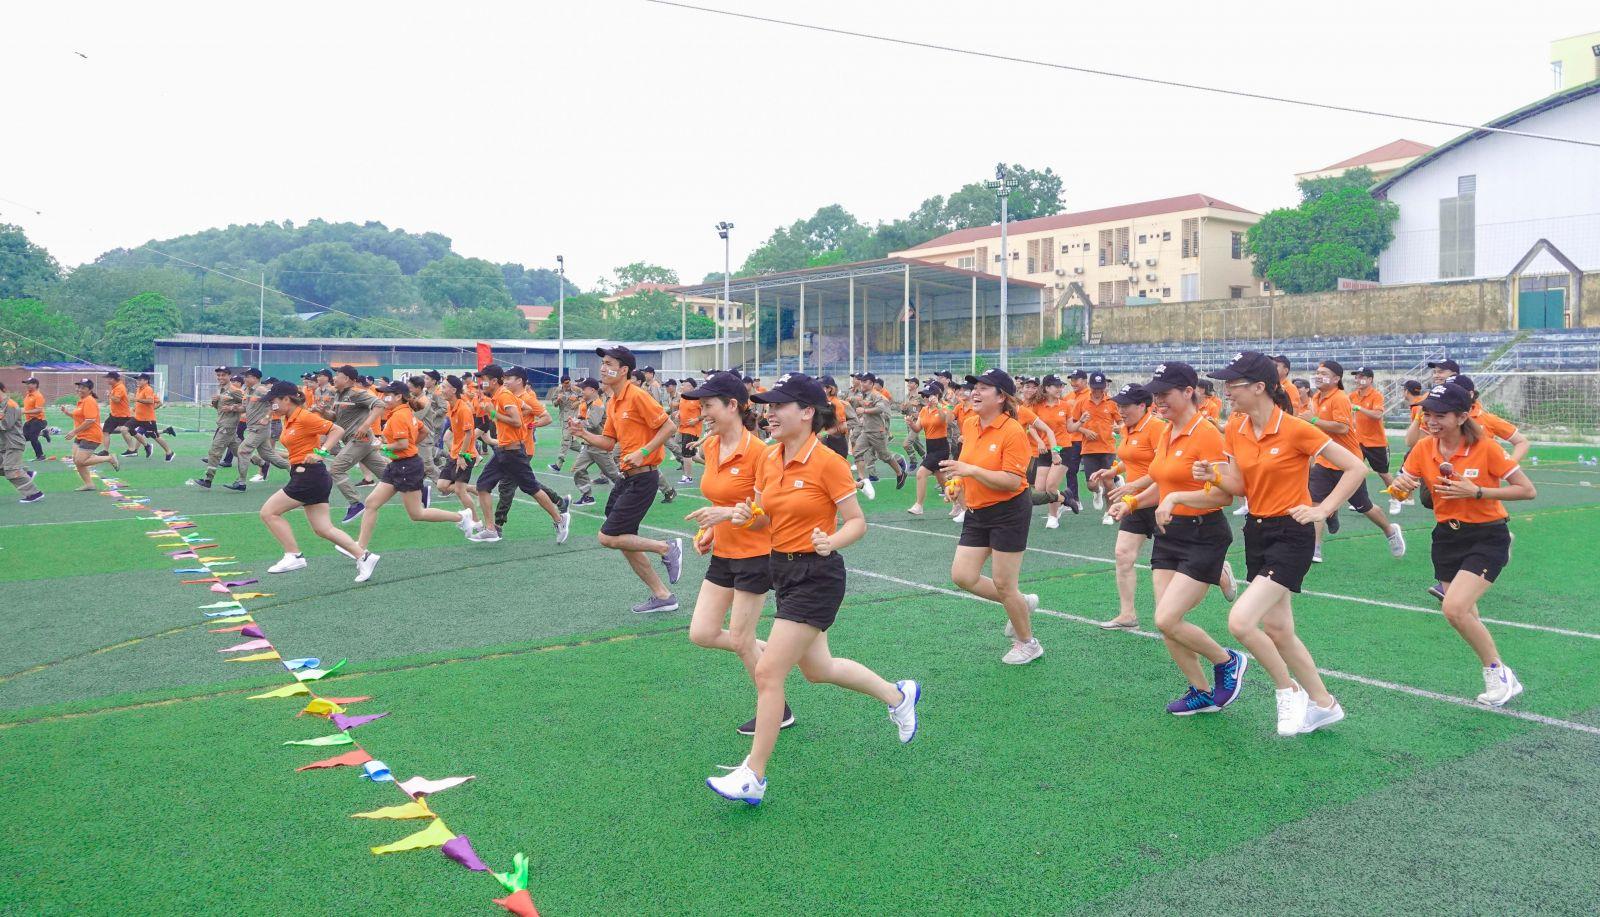 Chương trình được tổ chức tại sân vận động Suối Hoa, TP. Bắc Ninh.